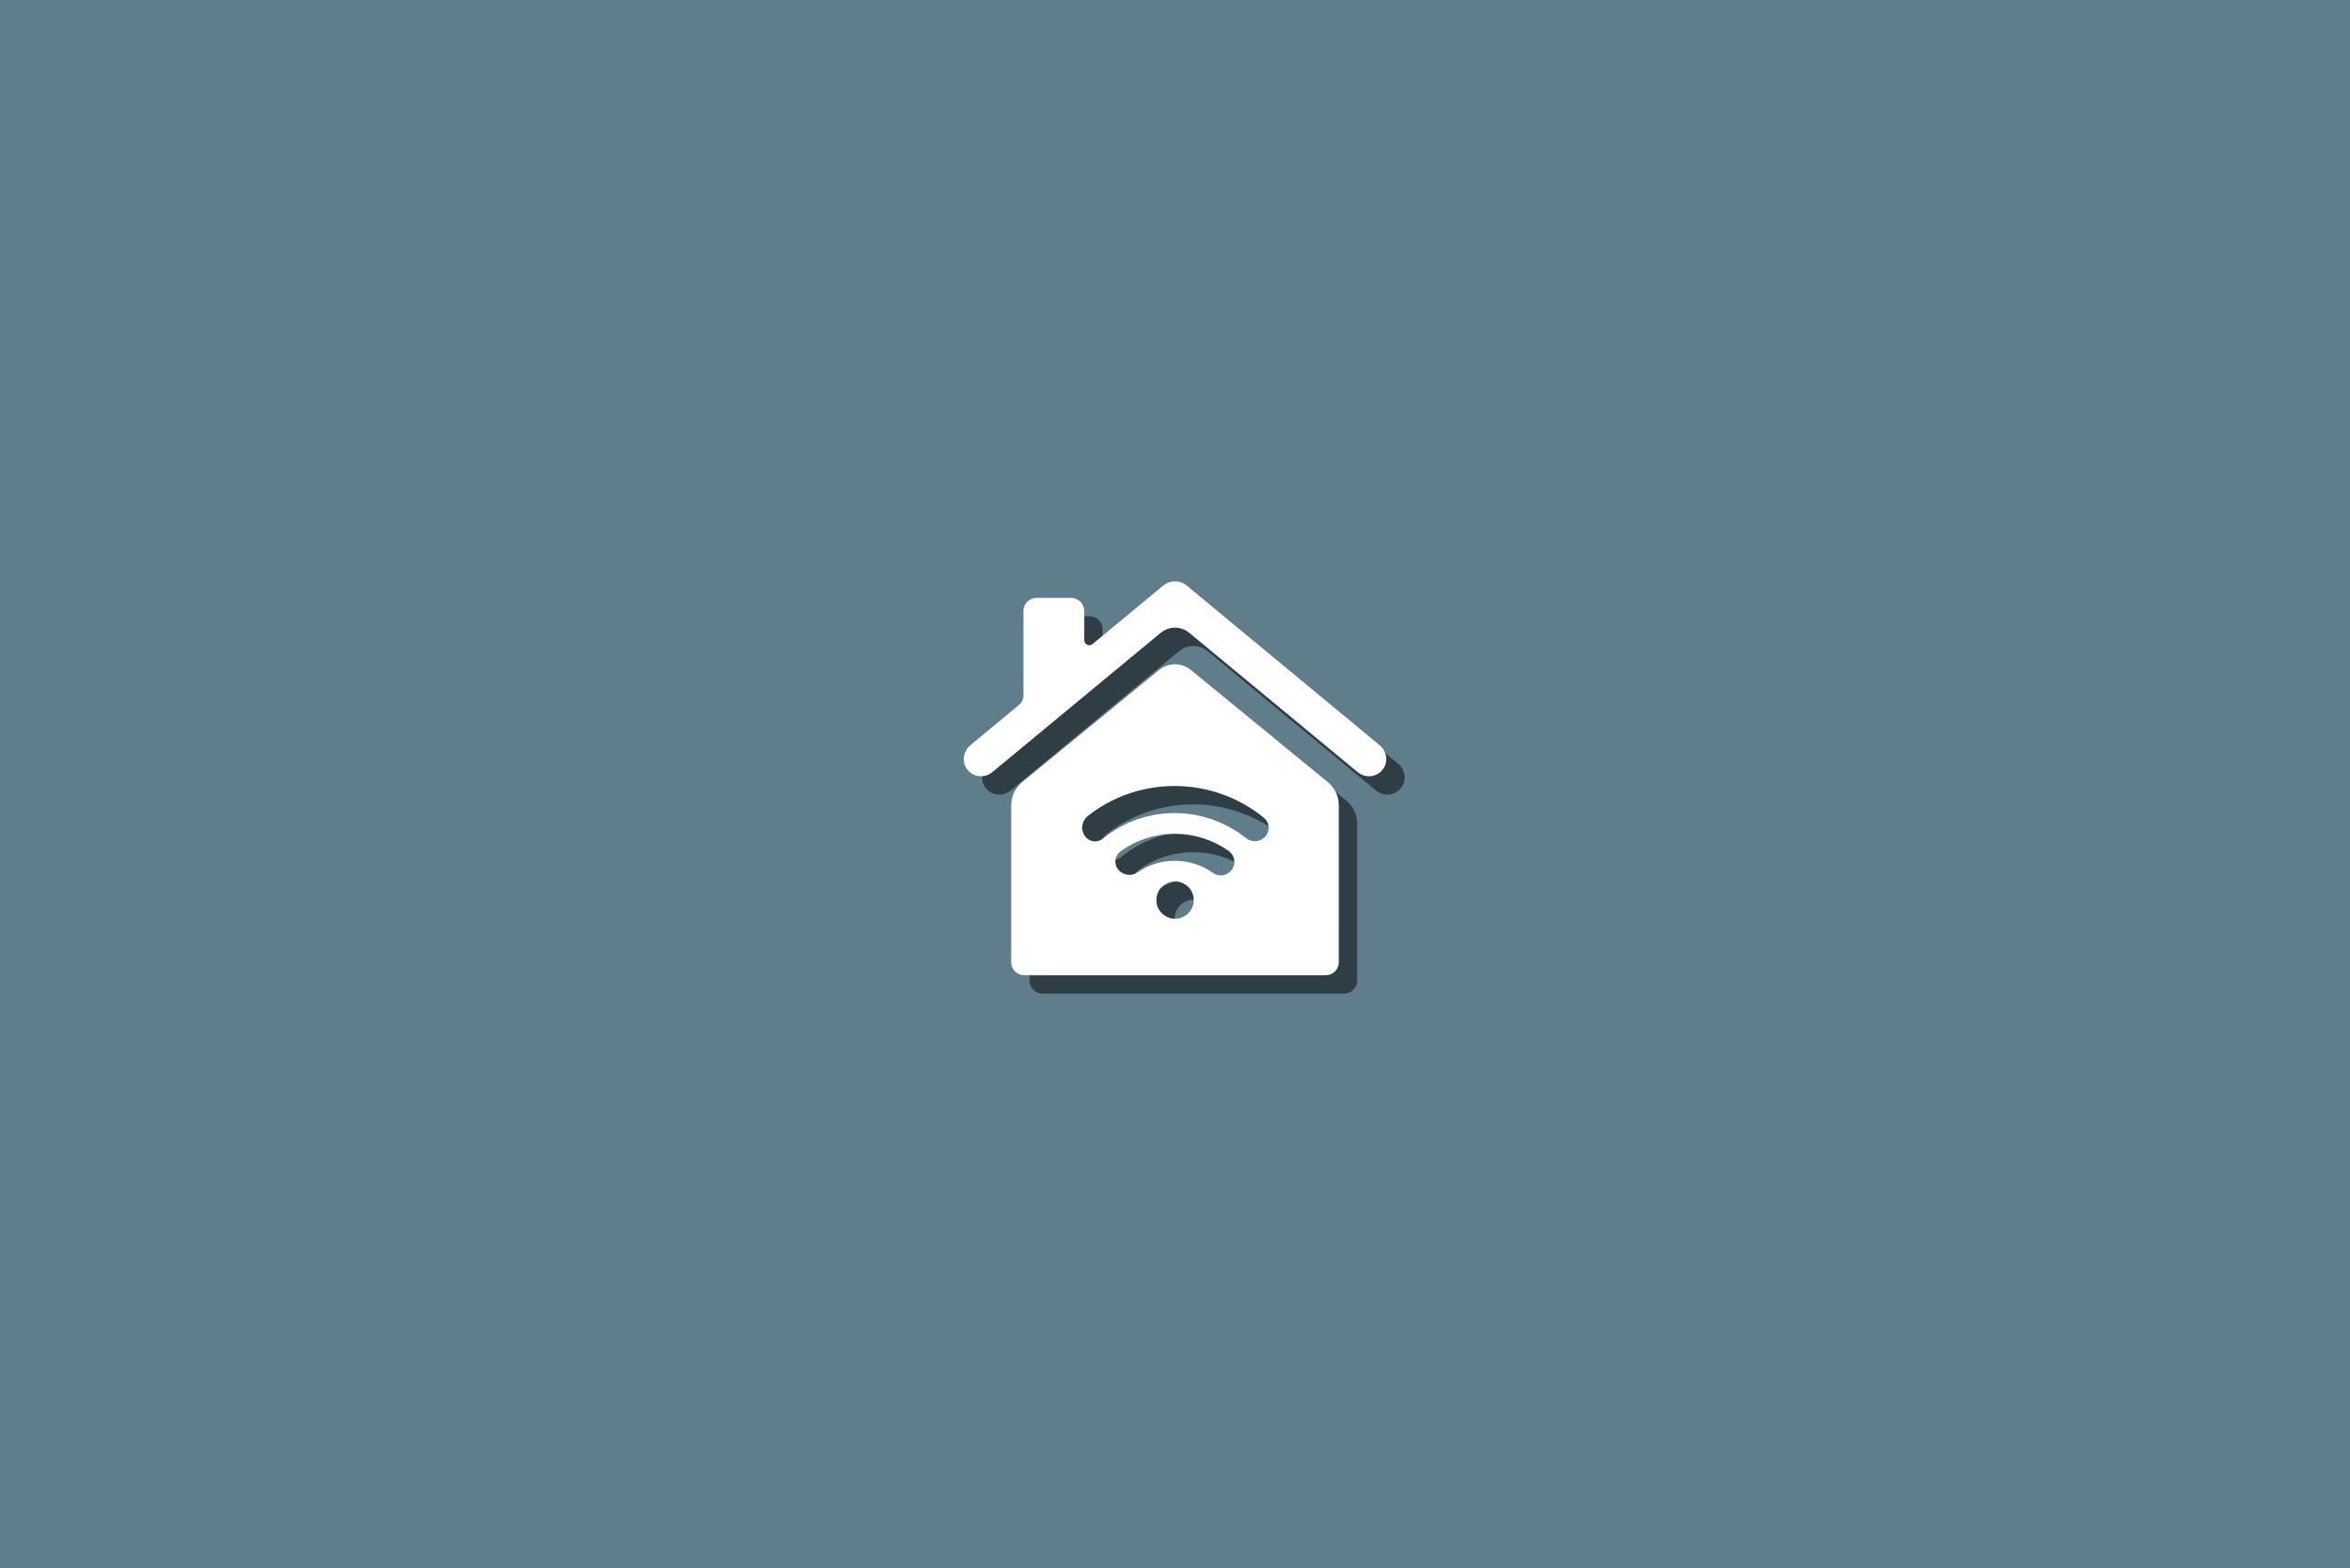 cuánto cuesta una casa domótica